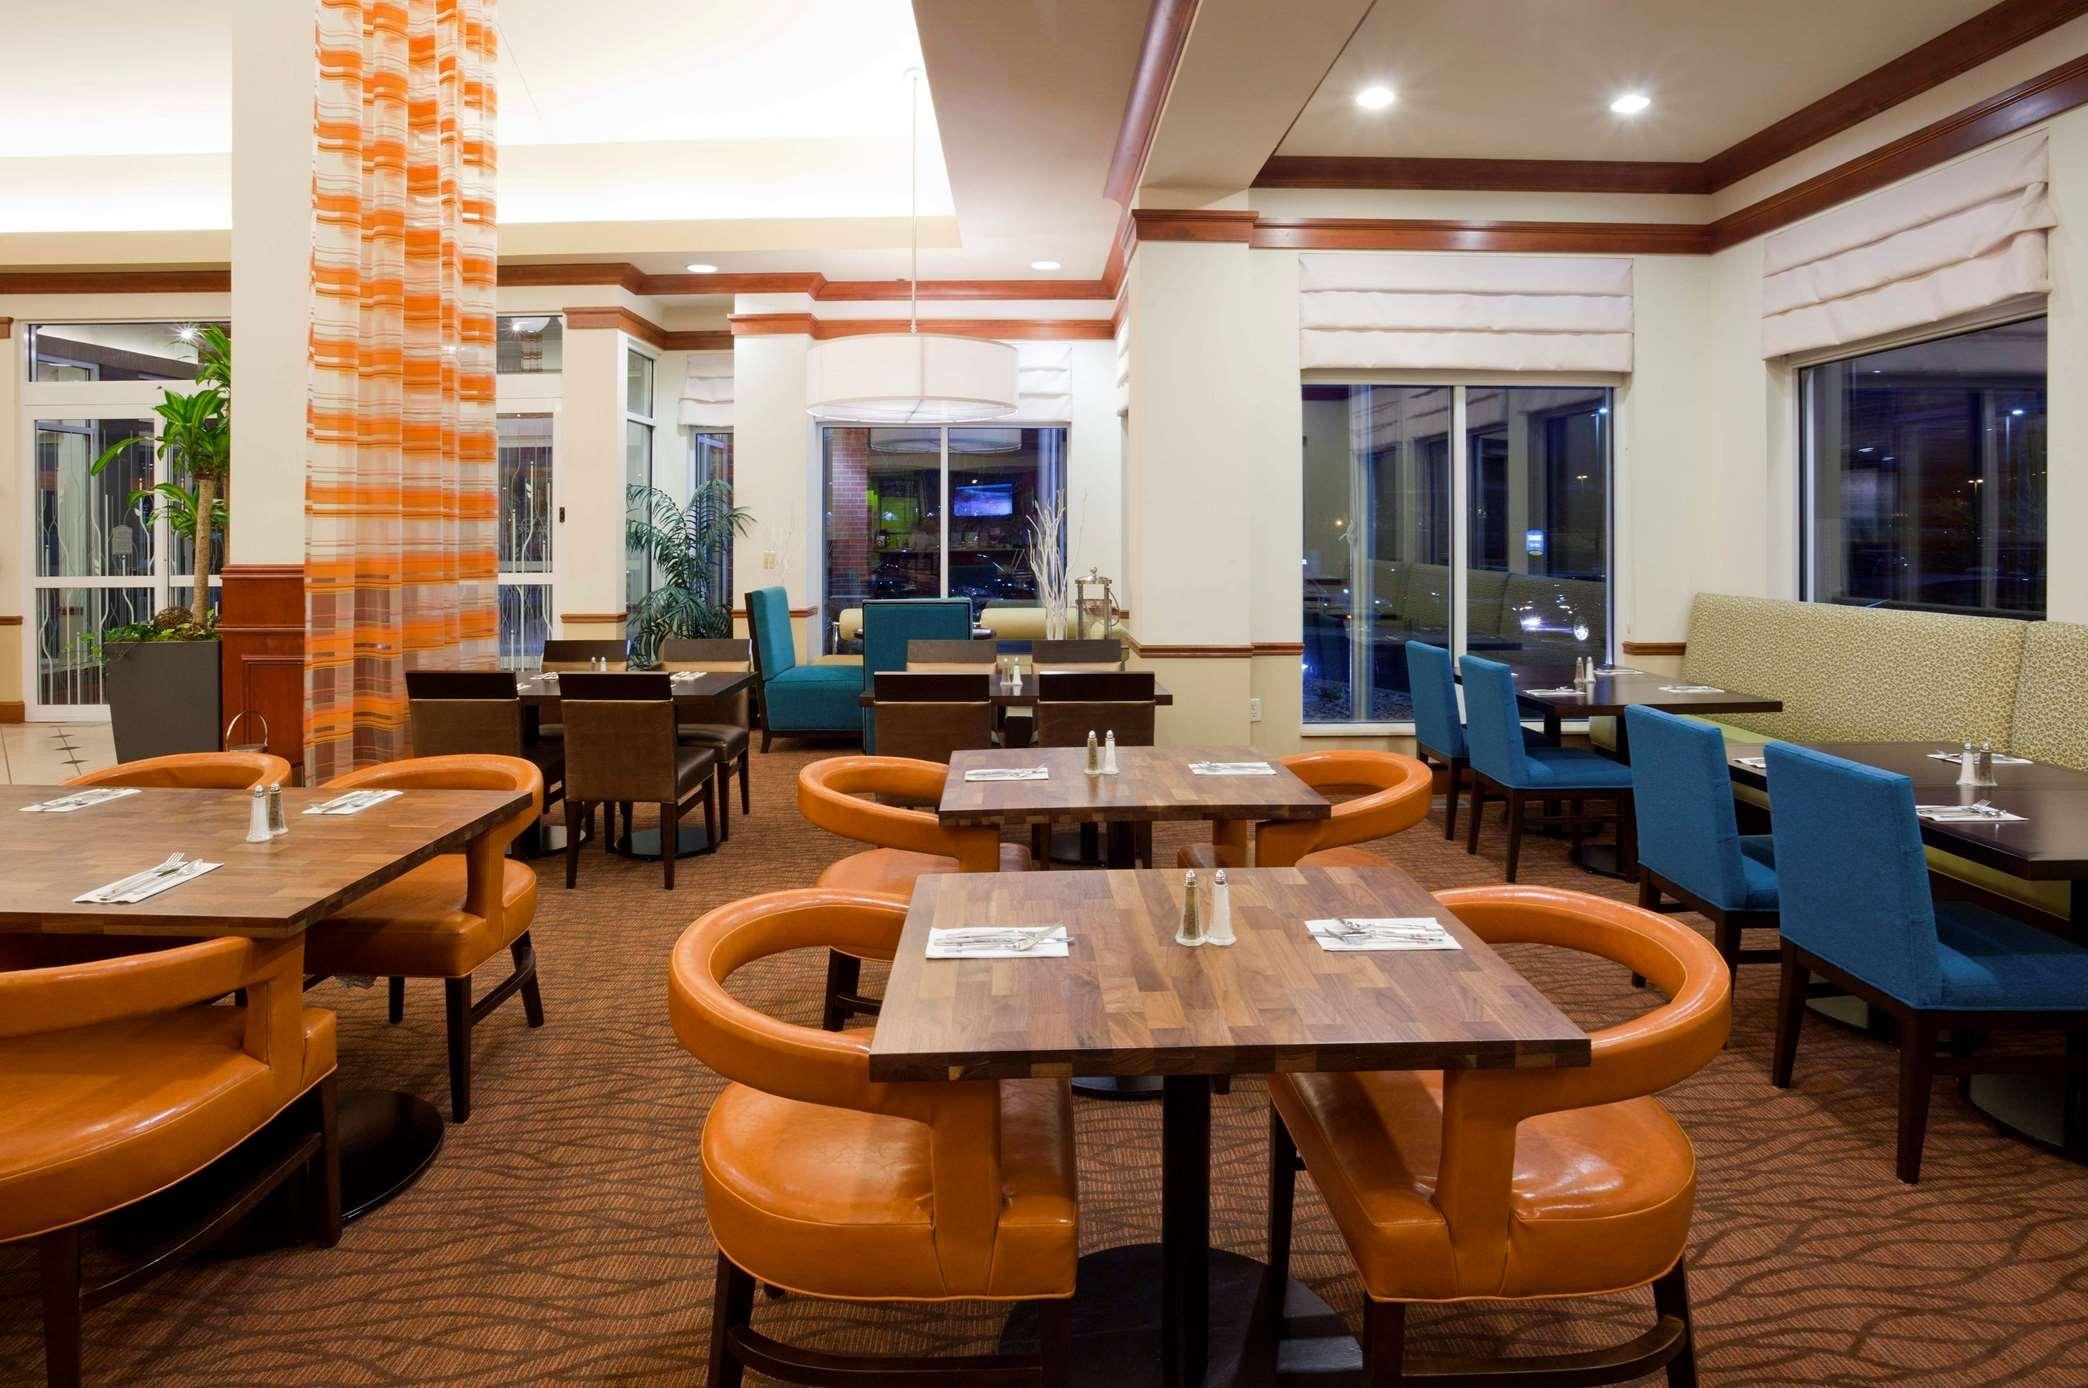 Hilton Garden Inn Minneapolis/Bloomington image 11